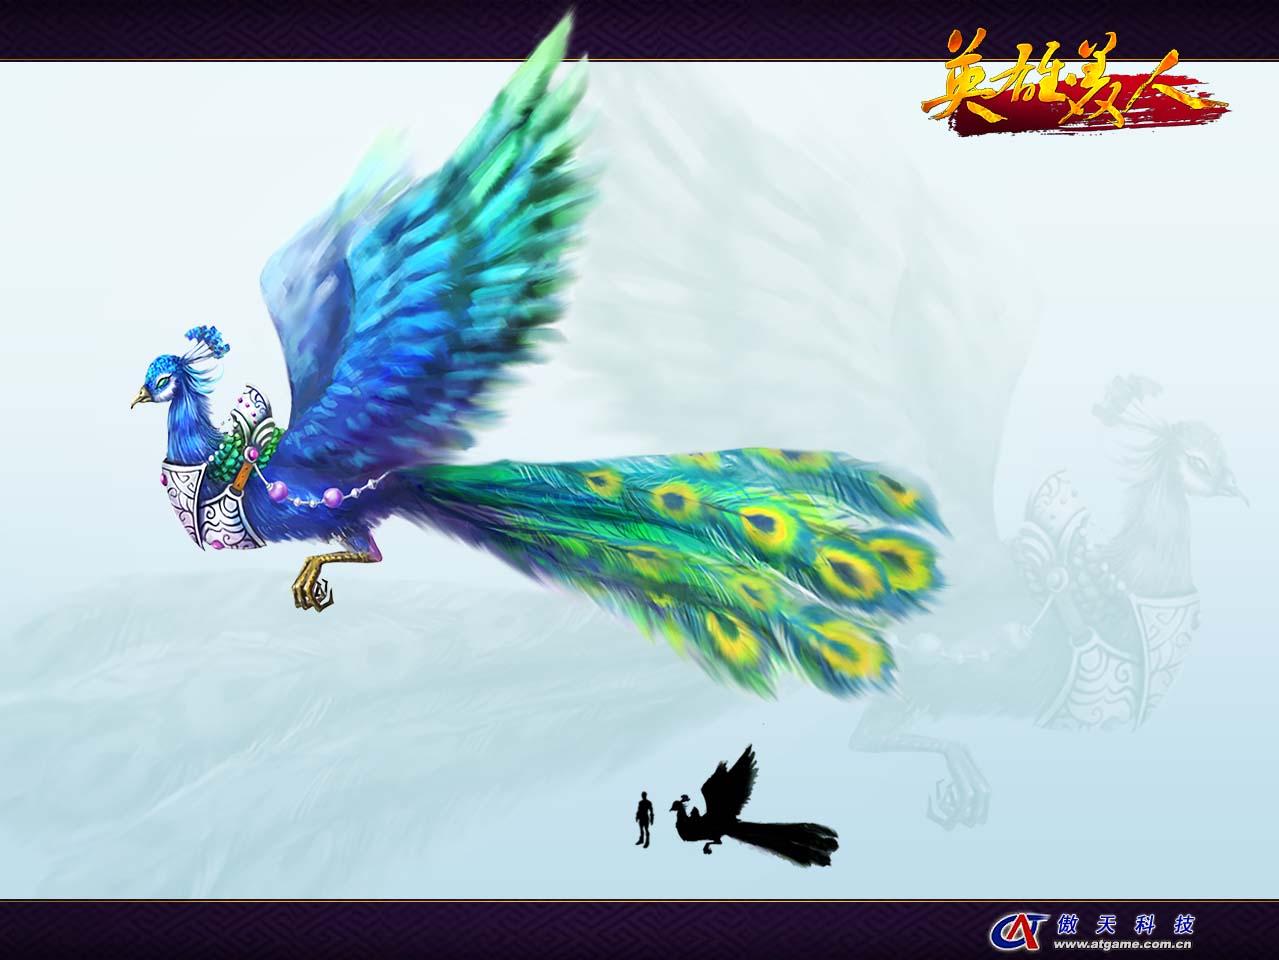 蓝孔雀(坐骑)